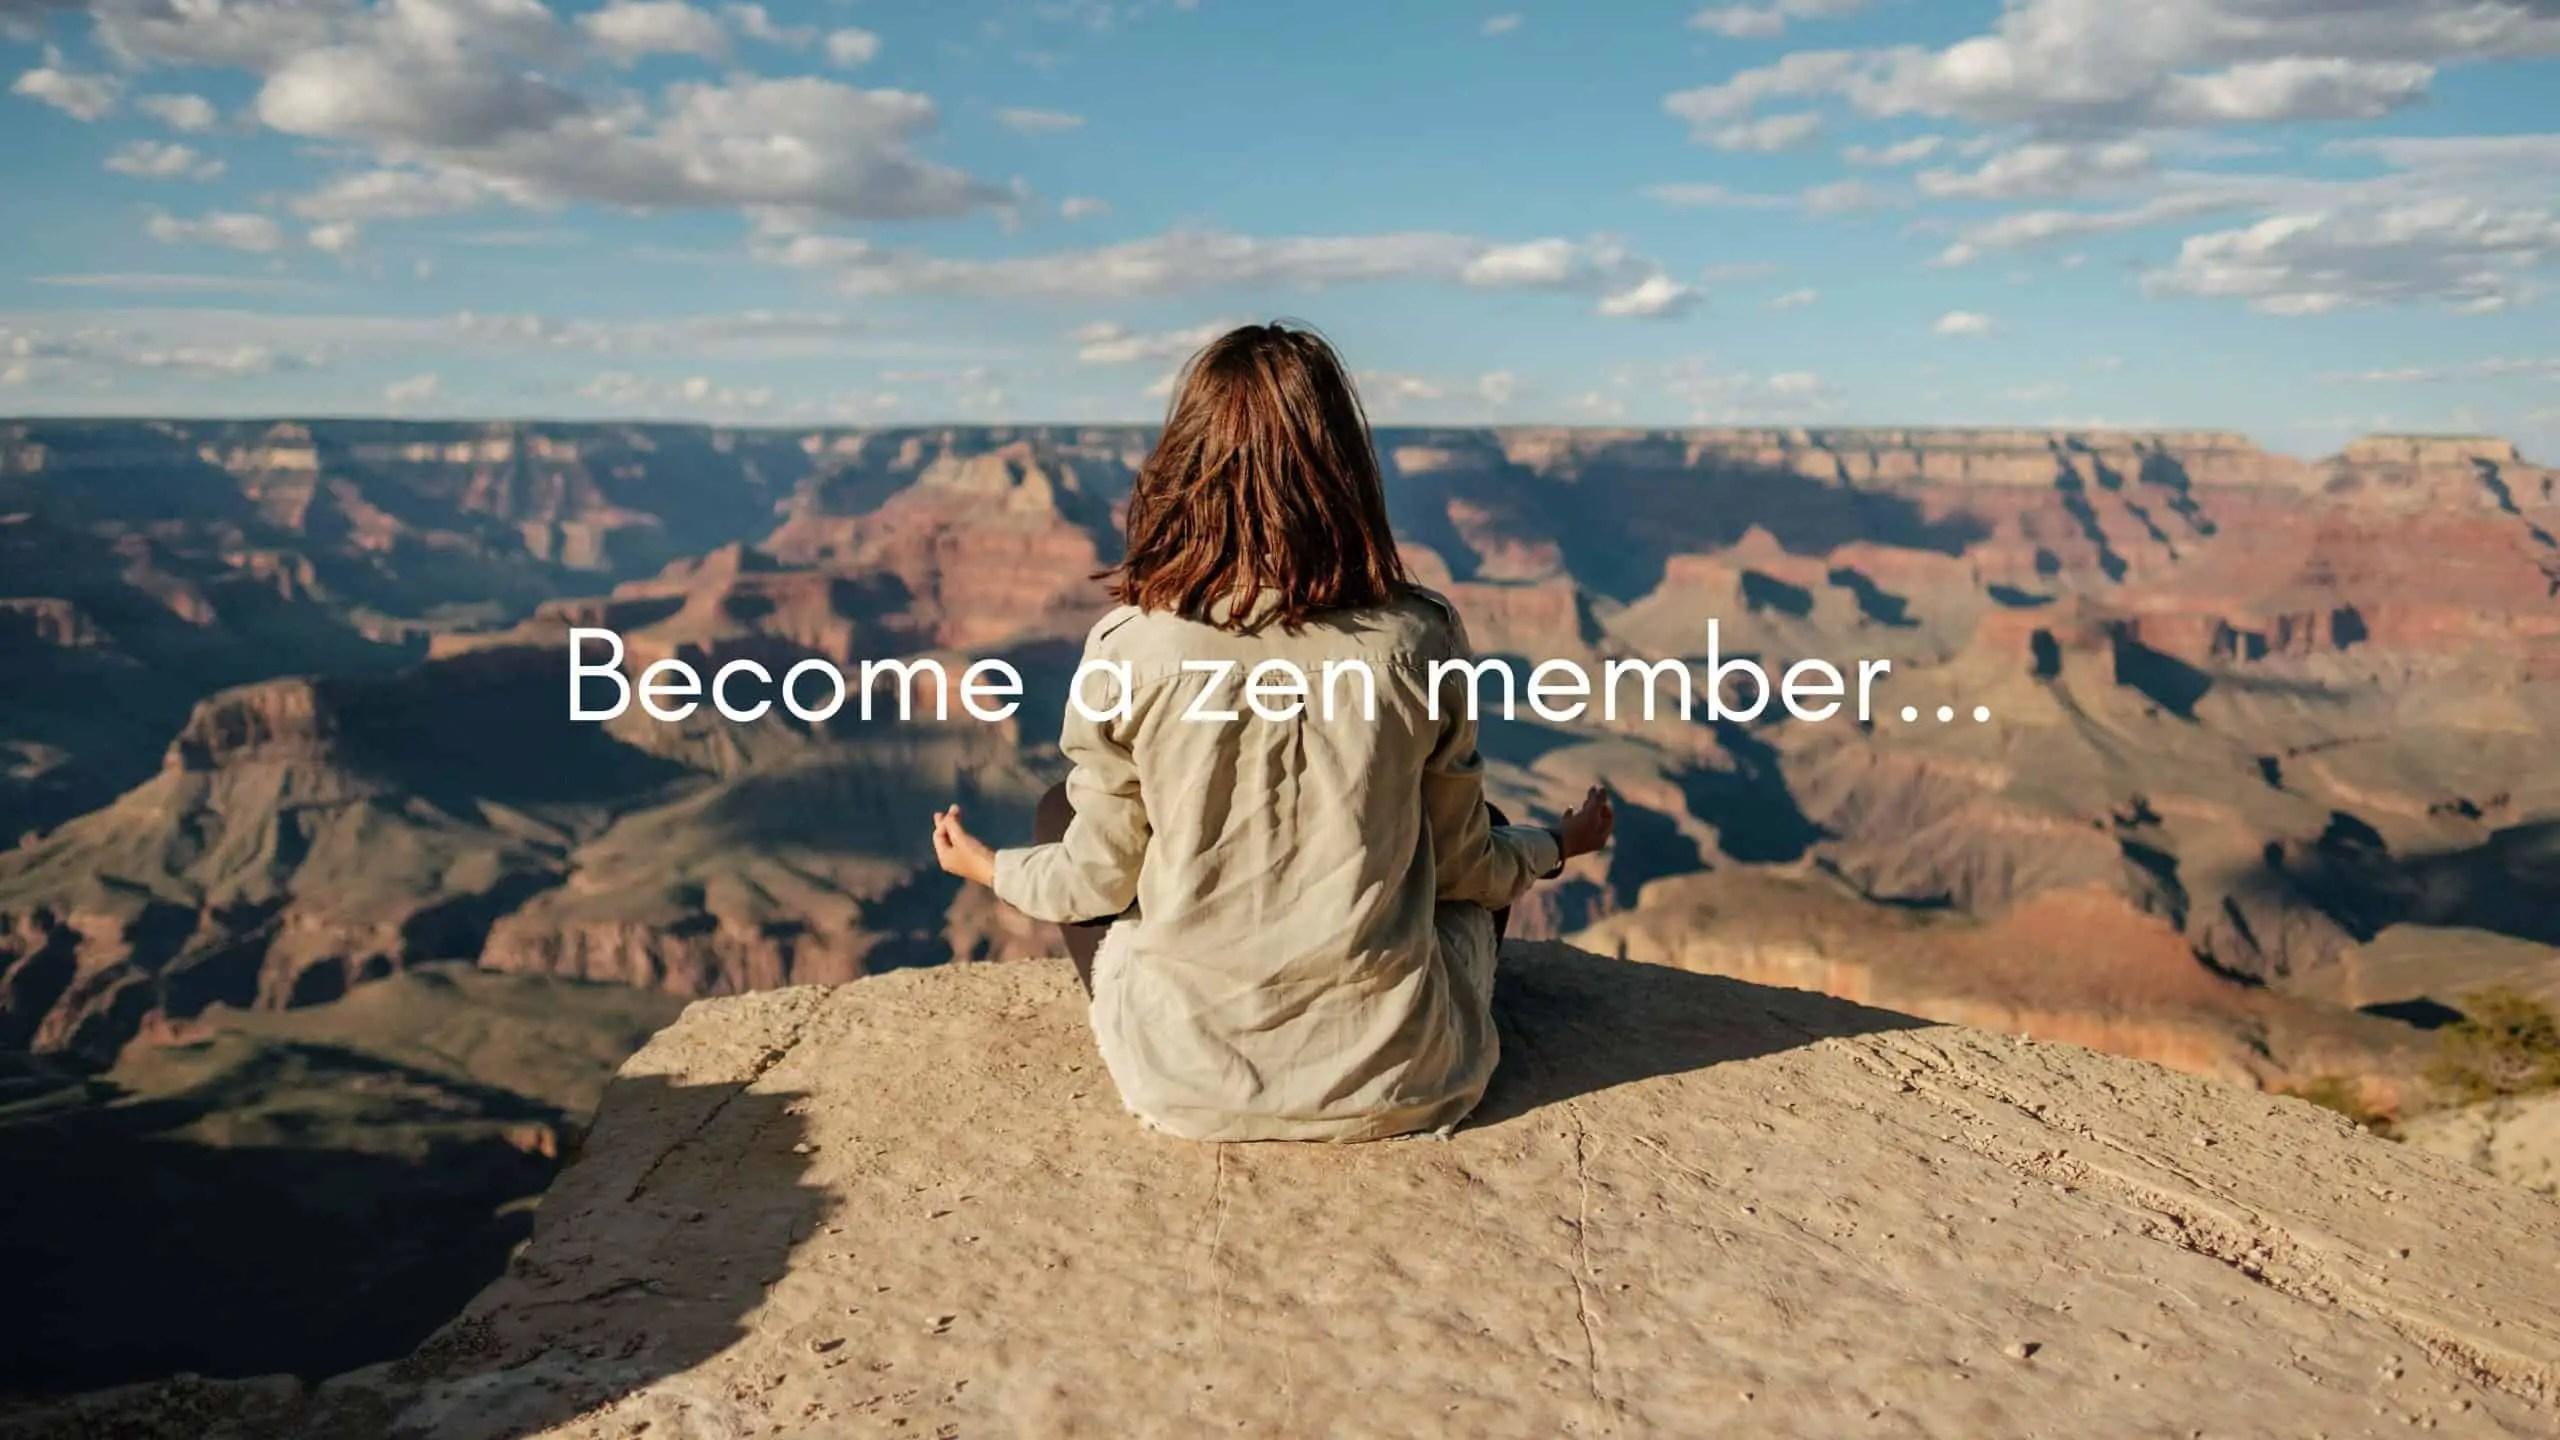 zen member